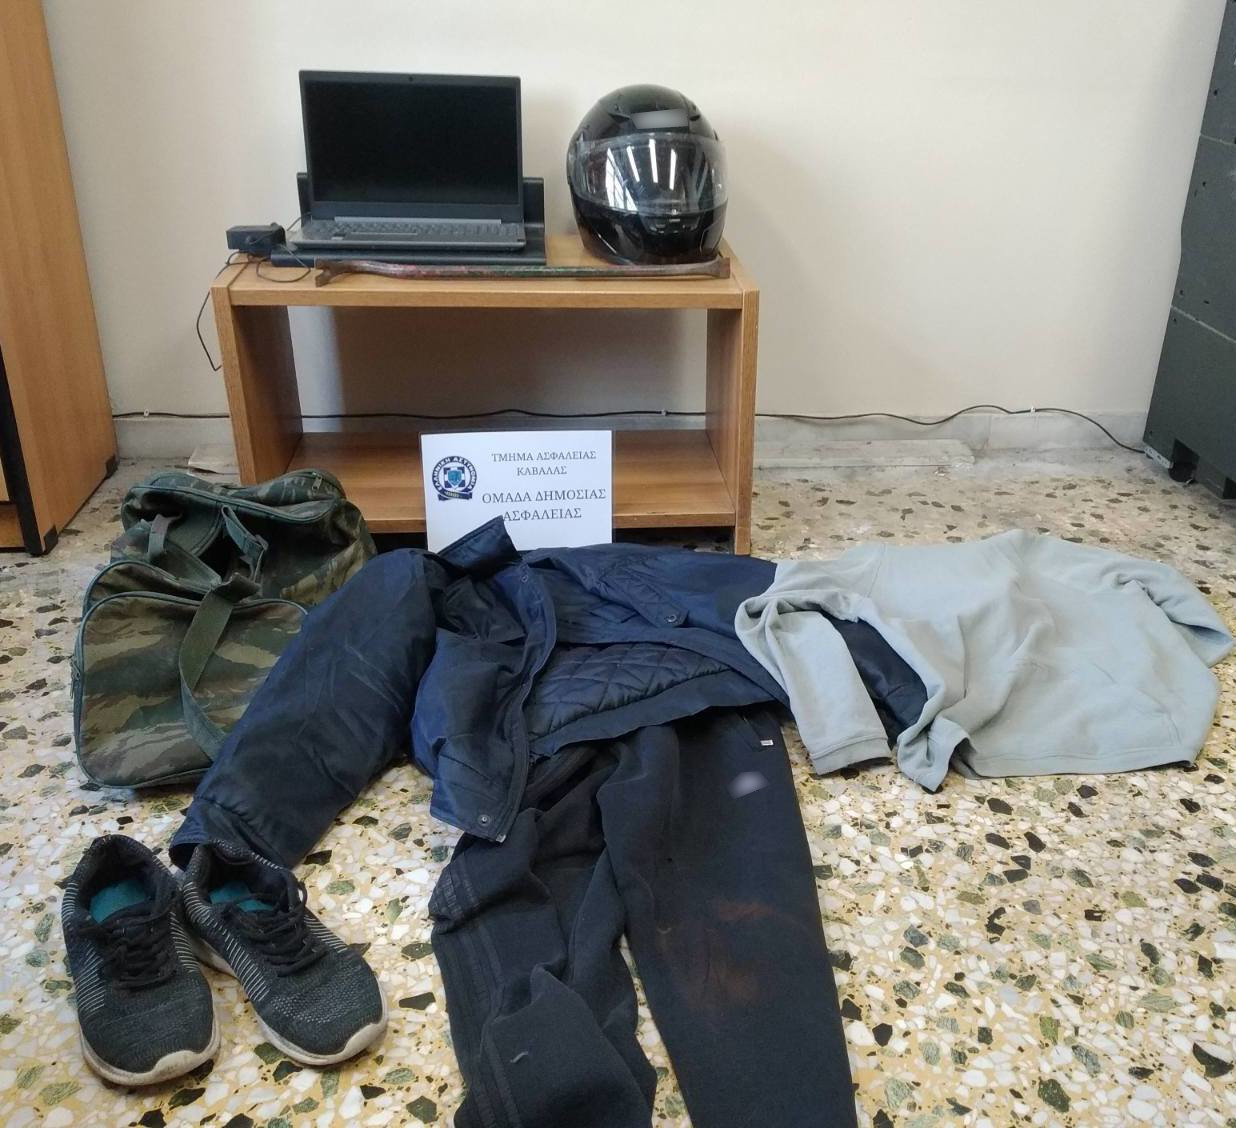 Καβάλα: Έκλεβε επιχειρήσεις από τον Σεπτέμβριο